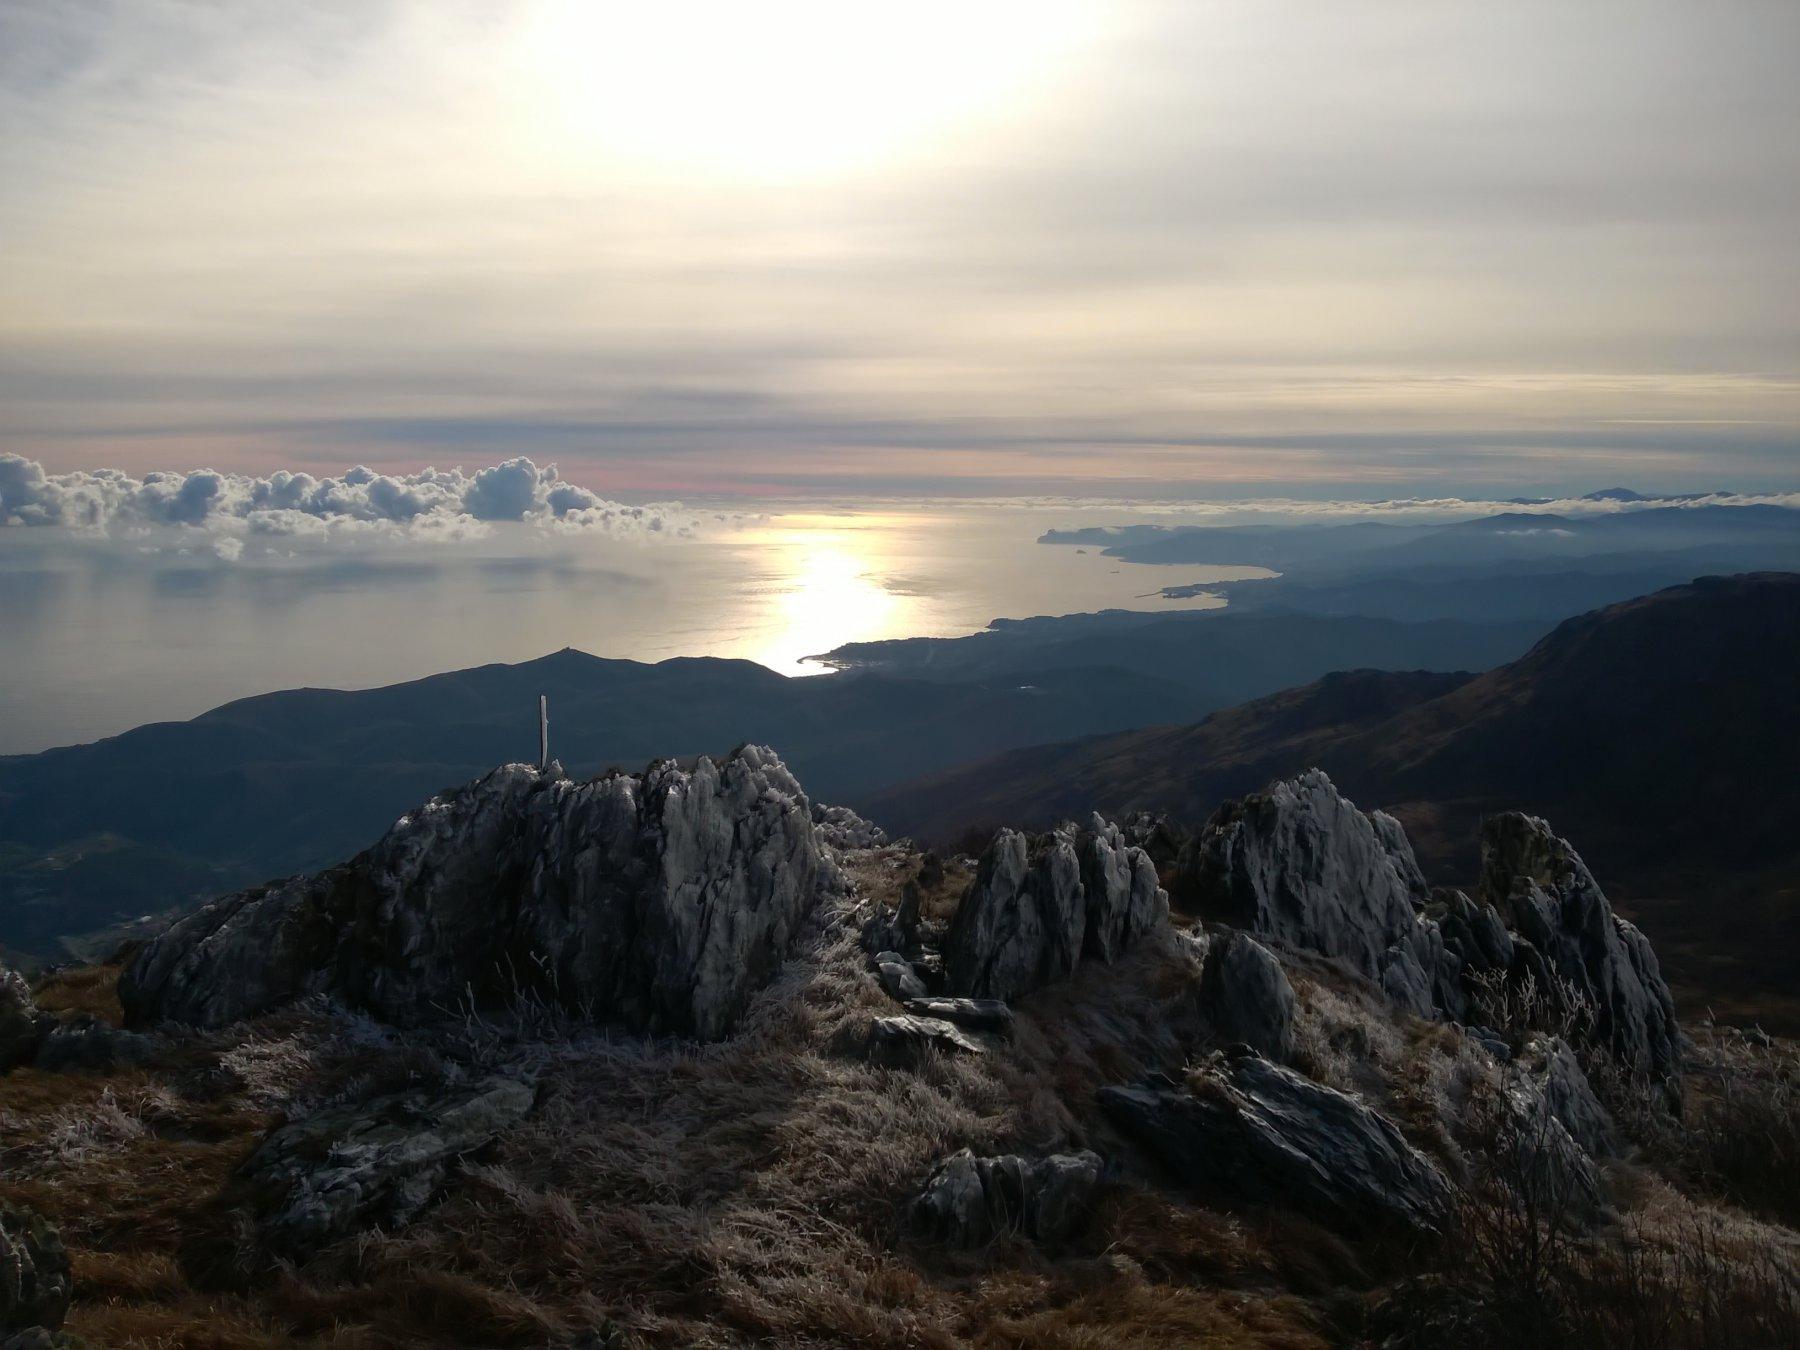 Beigua (Monte) da Pratorotondo, per i Monti Rama, Fontanaccia, Ermetta, Grosso, Sciguello 2016-01-03